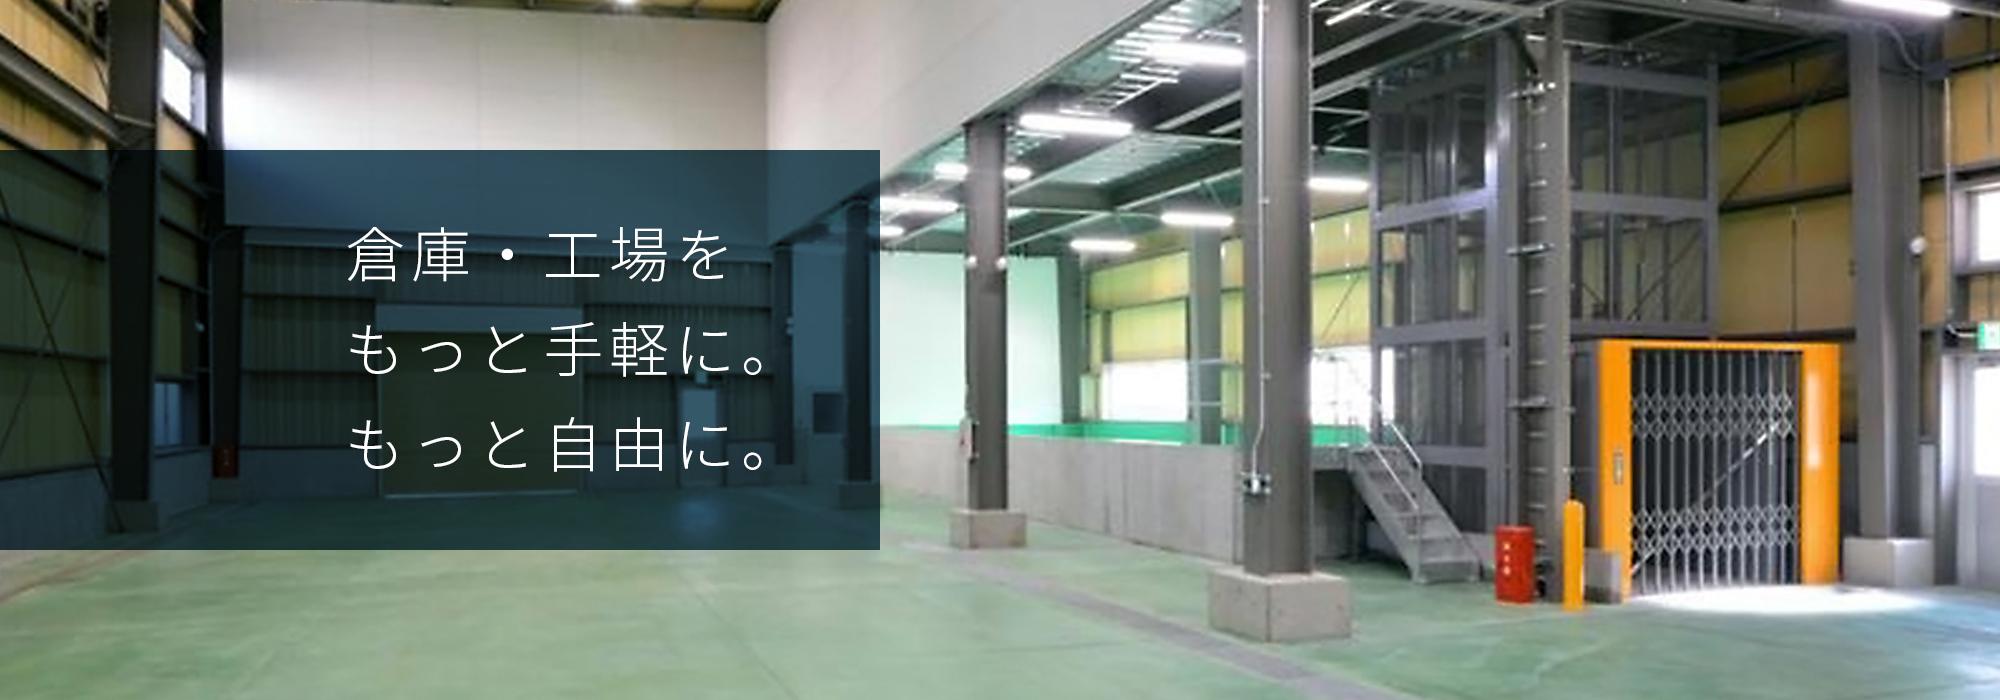 メイン画像01